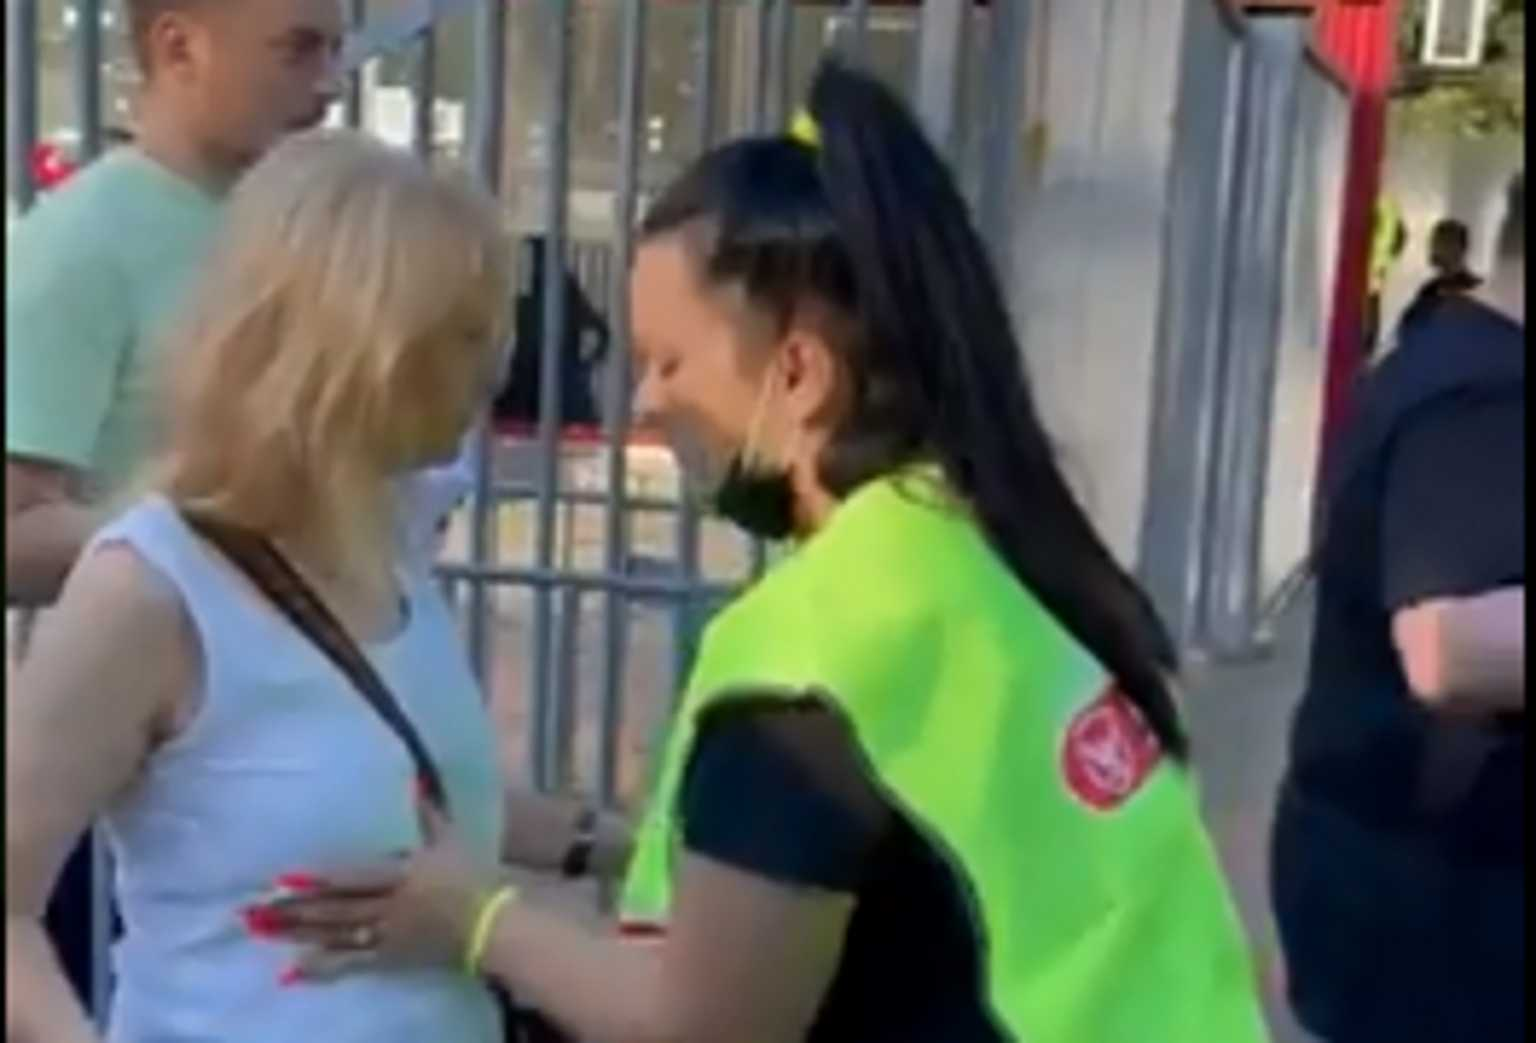 Ρουμανία: Σεκιούριτι ελέγχει τα στήθη των γυναικών πριν μπουν στο γήπεδο για το Σούπερ Καπ